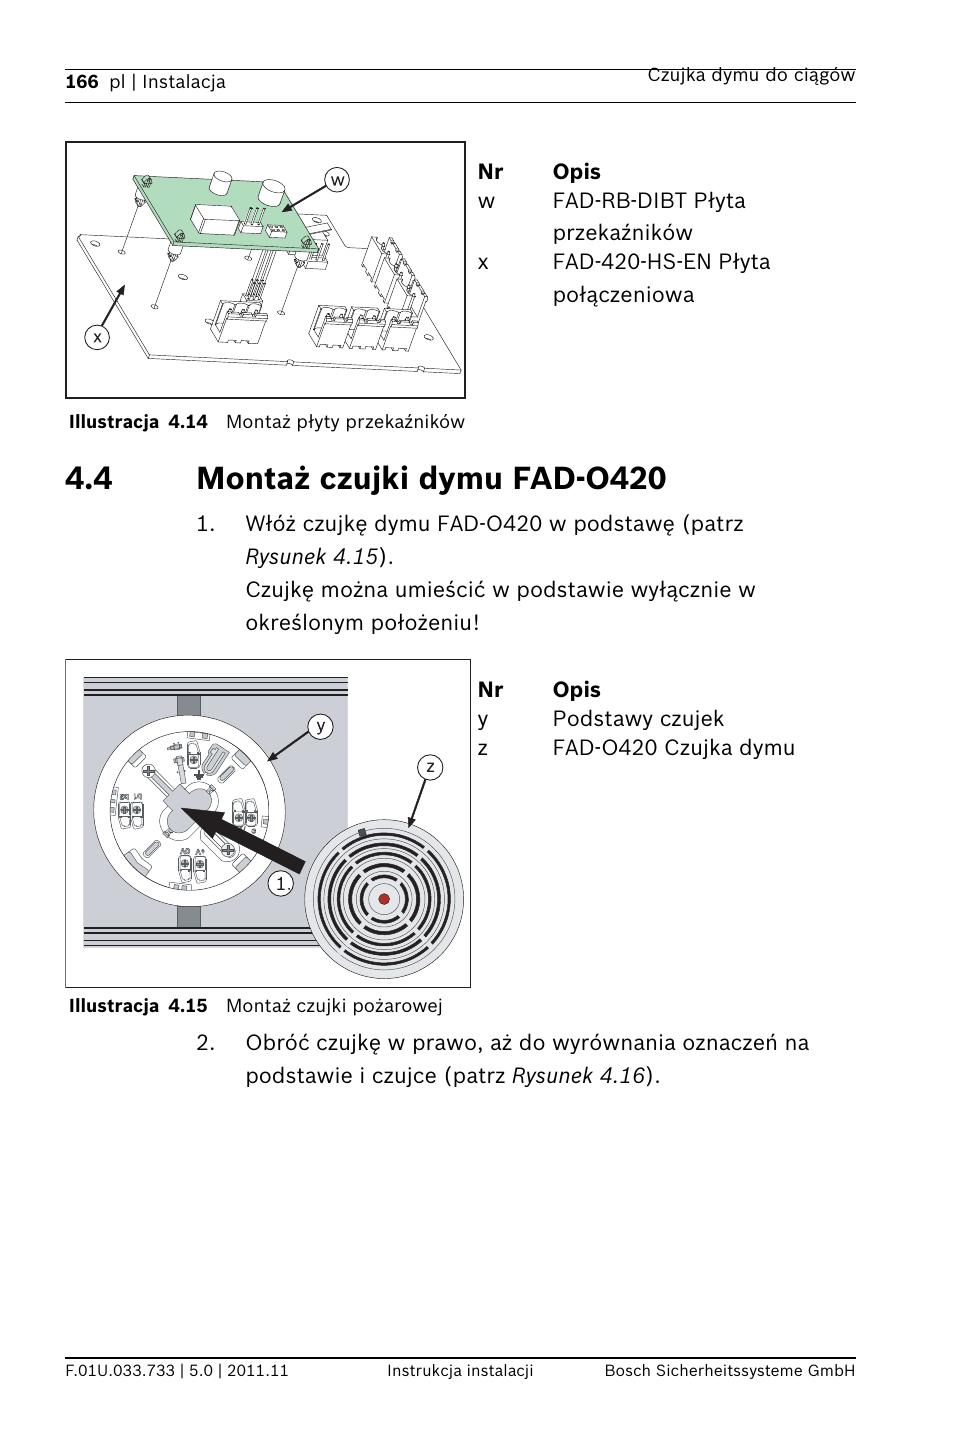 medium resolution of 4 monta czujki dymu fad o420 bosch fad 420 hs en